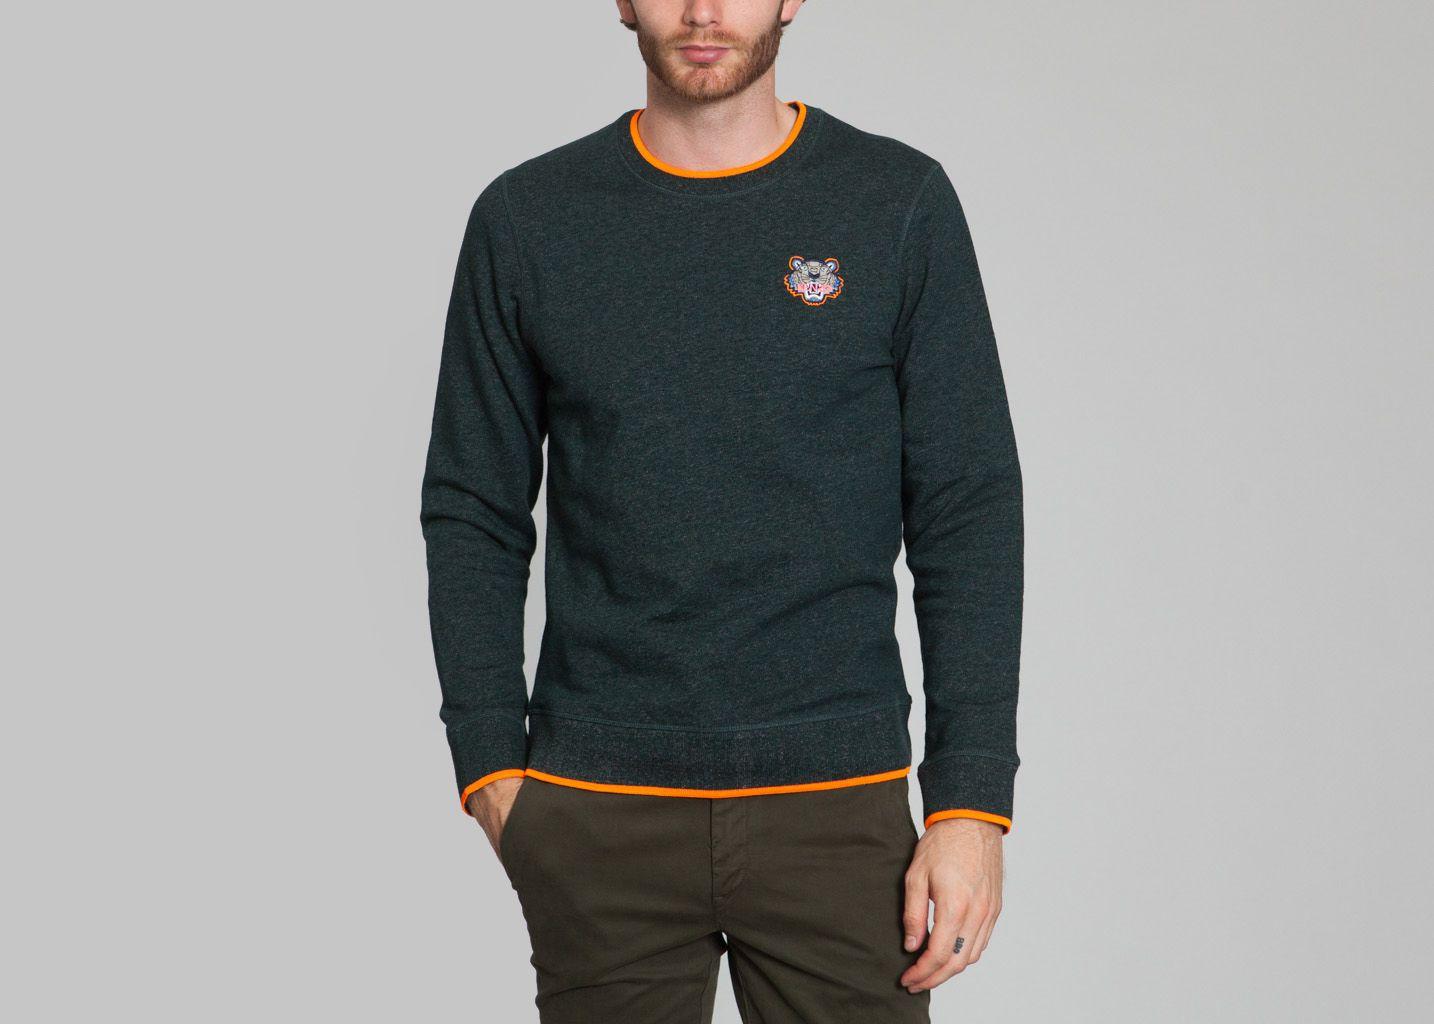 Small Tiger Sweatshirt Fir Green Kenzo   L Exception 805c22c483f